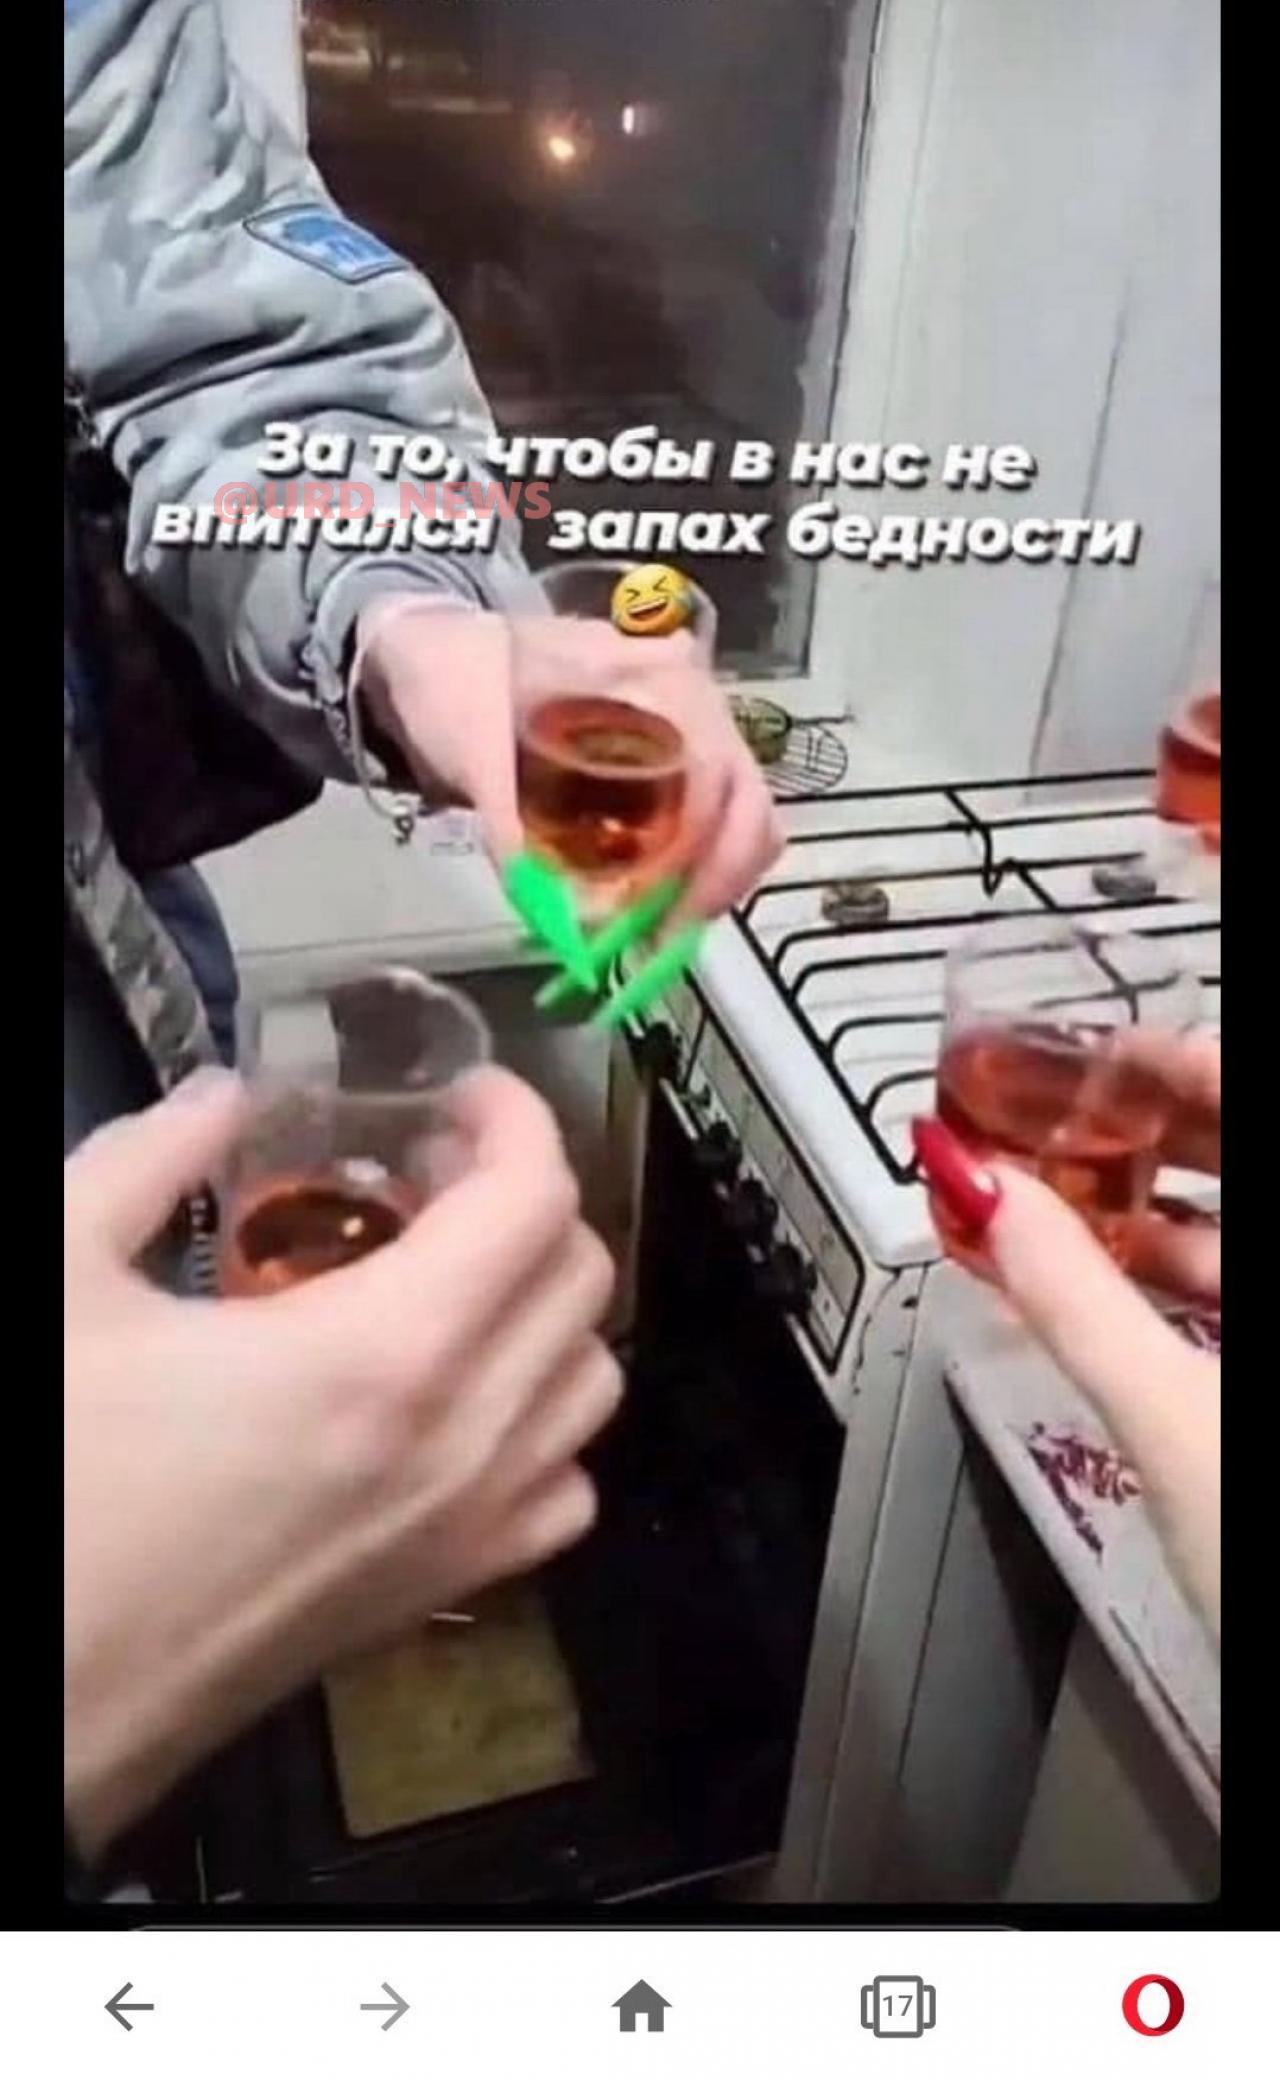 В инстаграме новое развлечение: снять на день квартиру в хрущевке, чтобы «попробовать бедность»